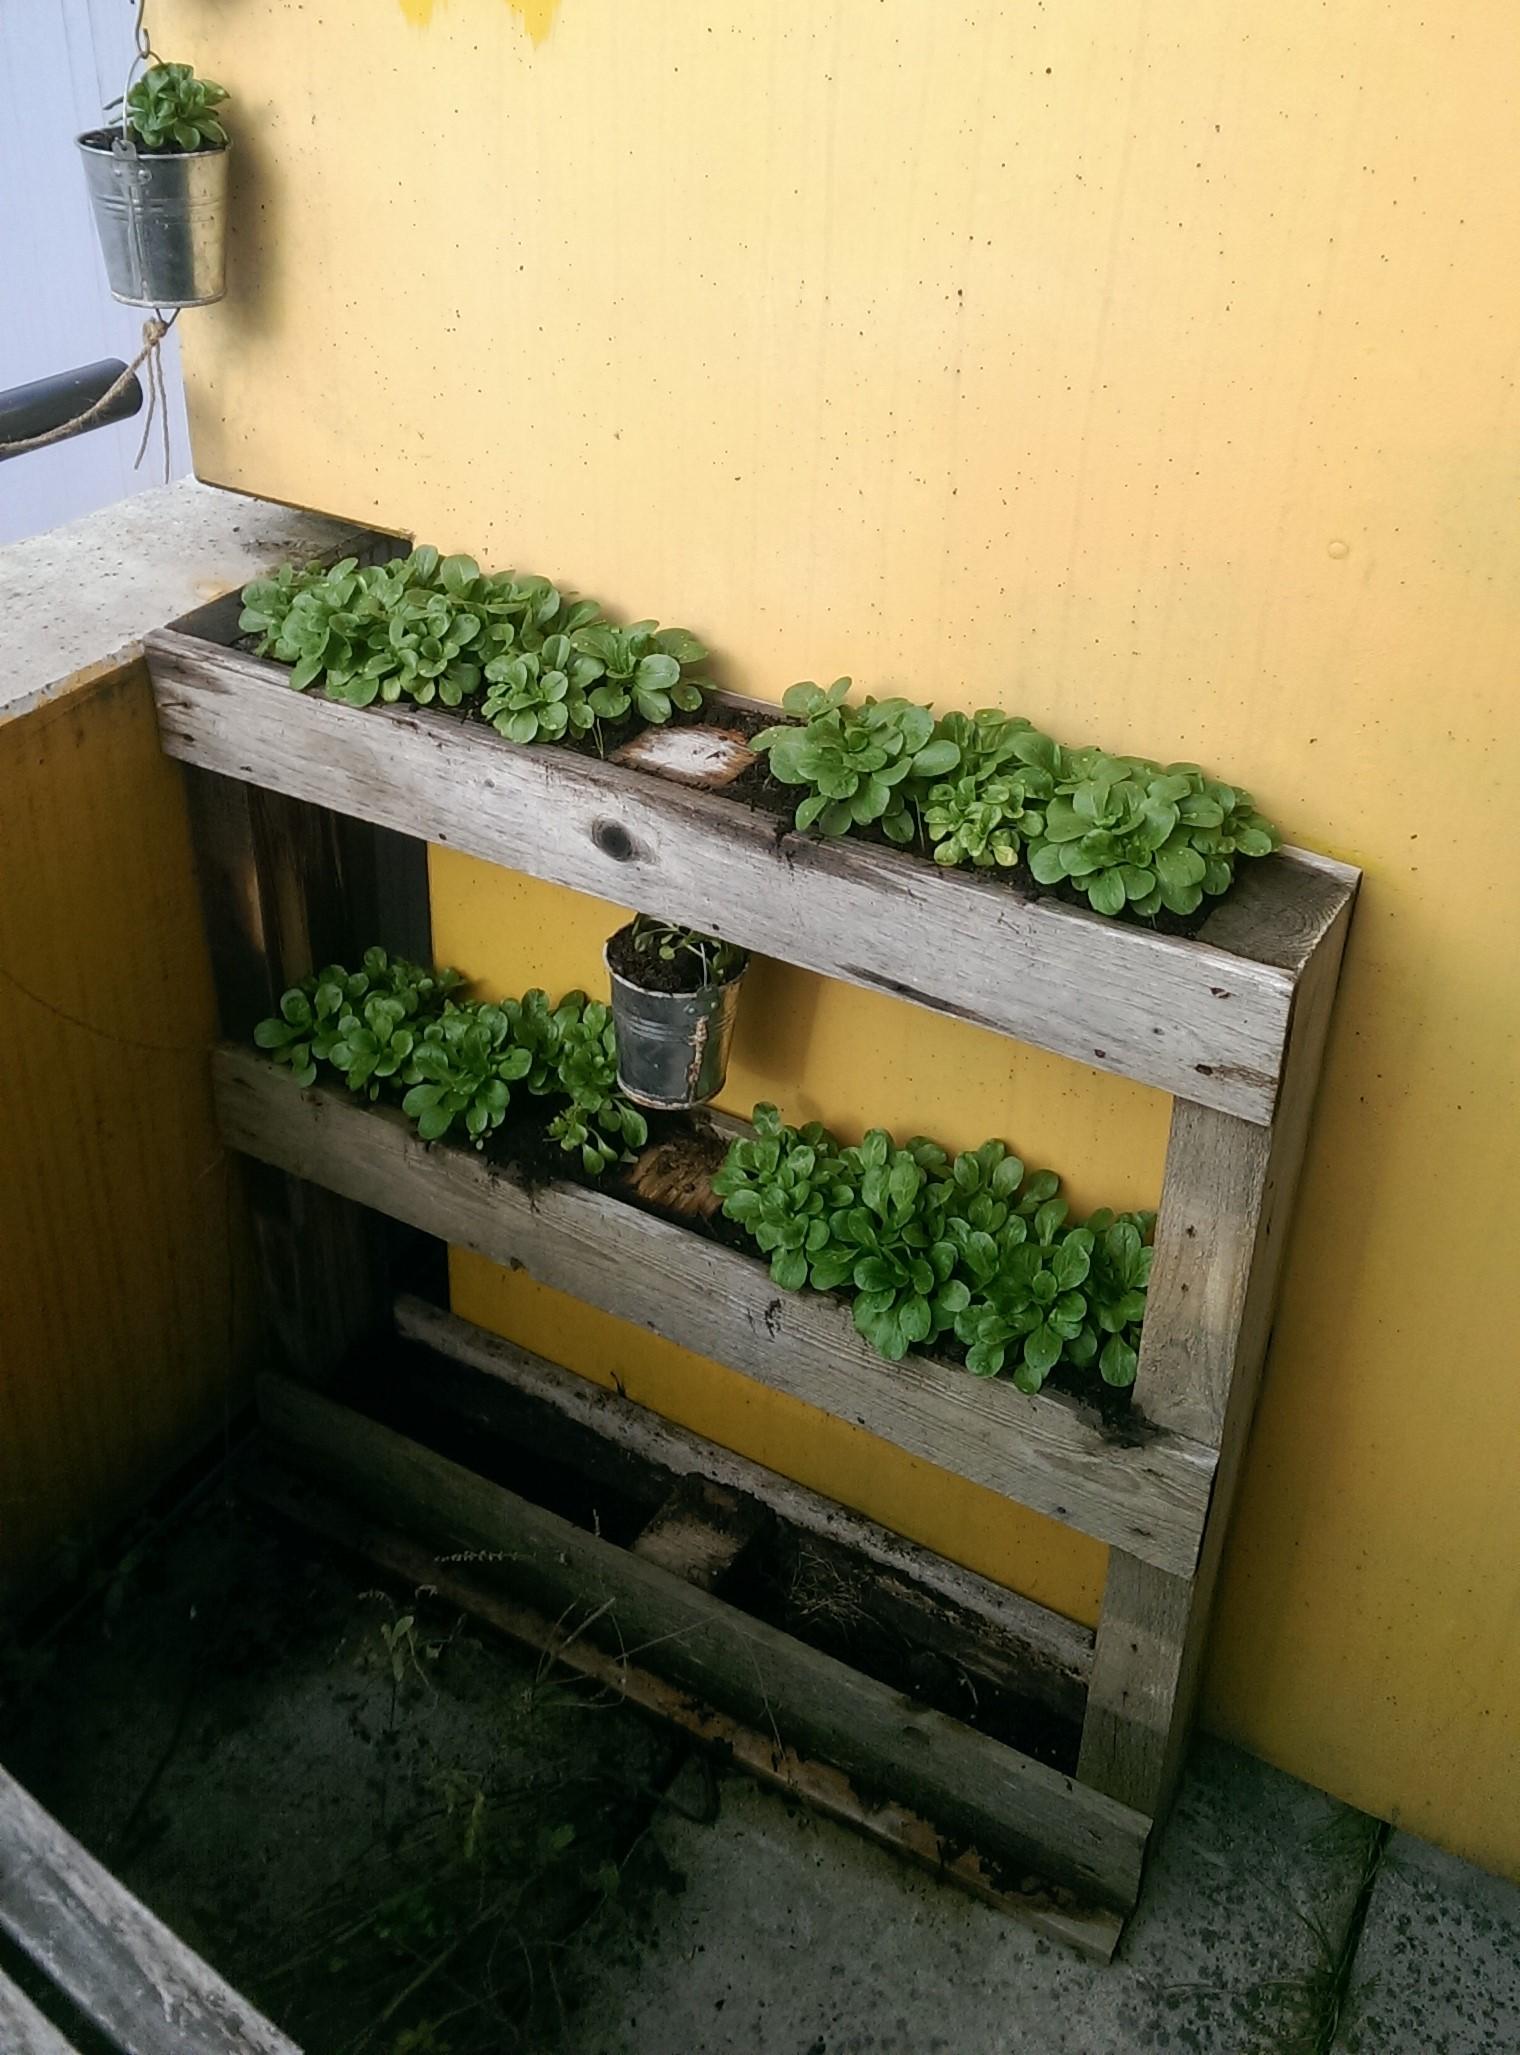 [:de]Bungalowidee: Küchenkräuter auf dem Balkon[:]